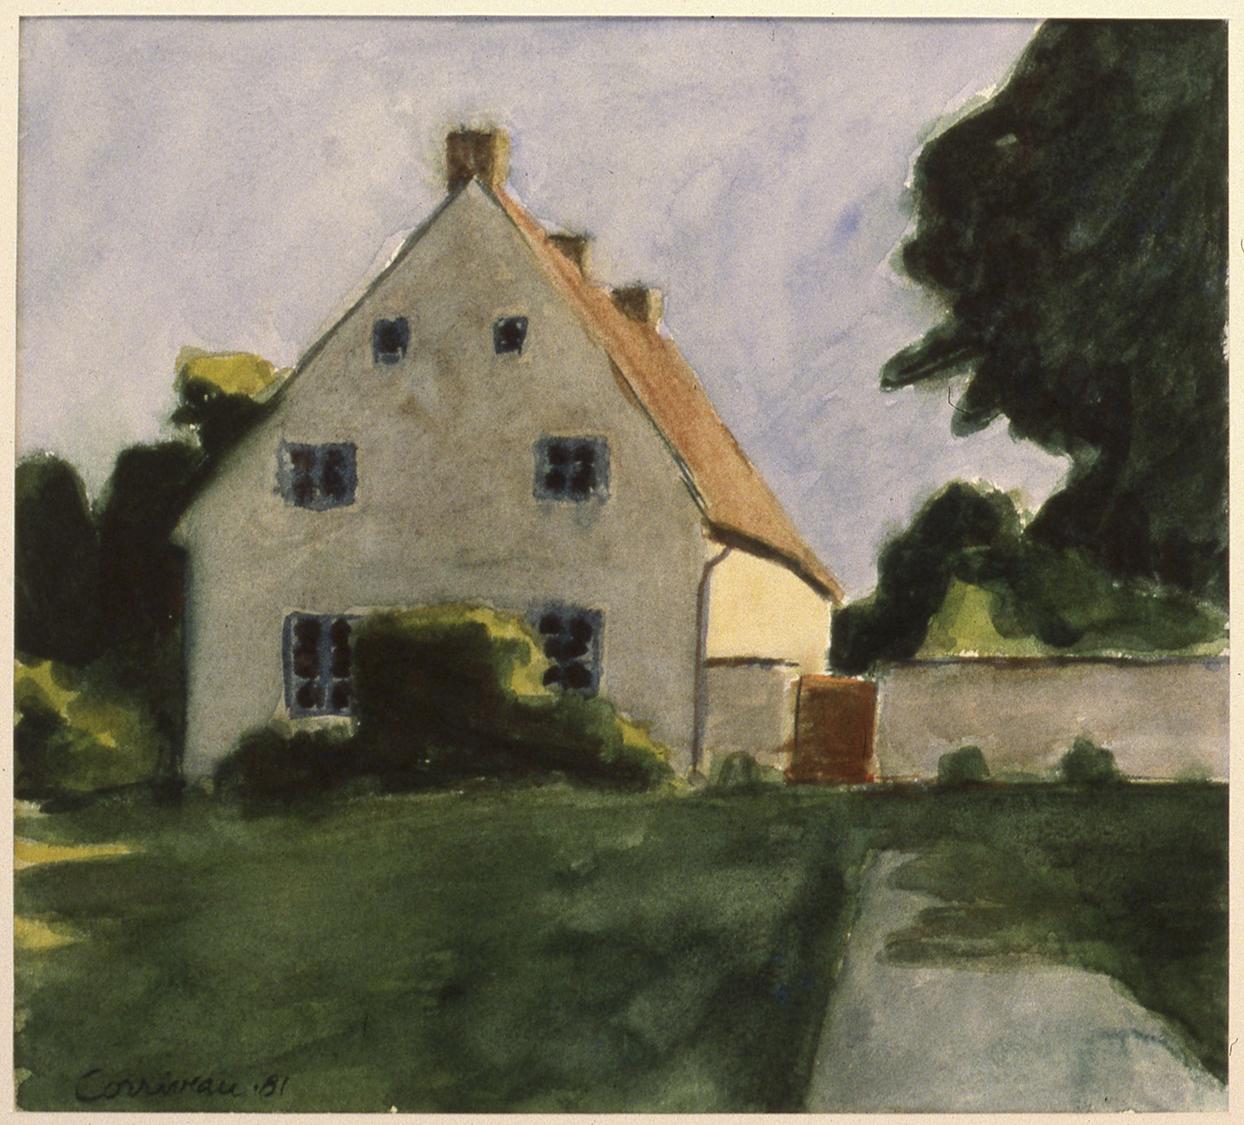 Maison au couchant, 1981